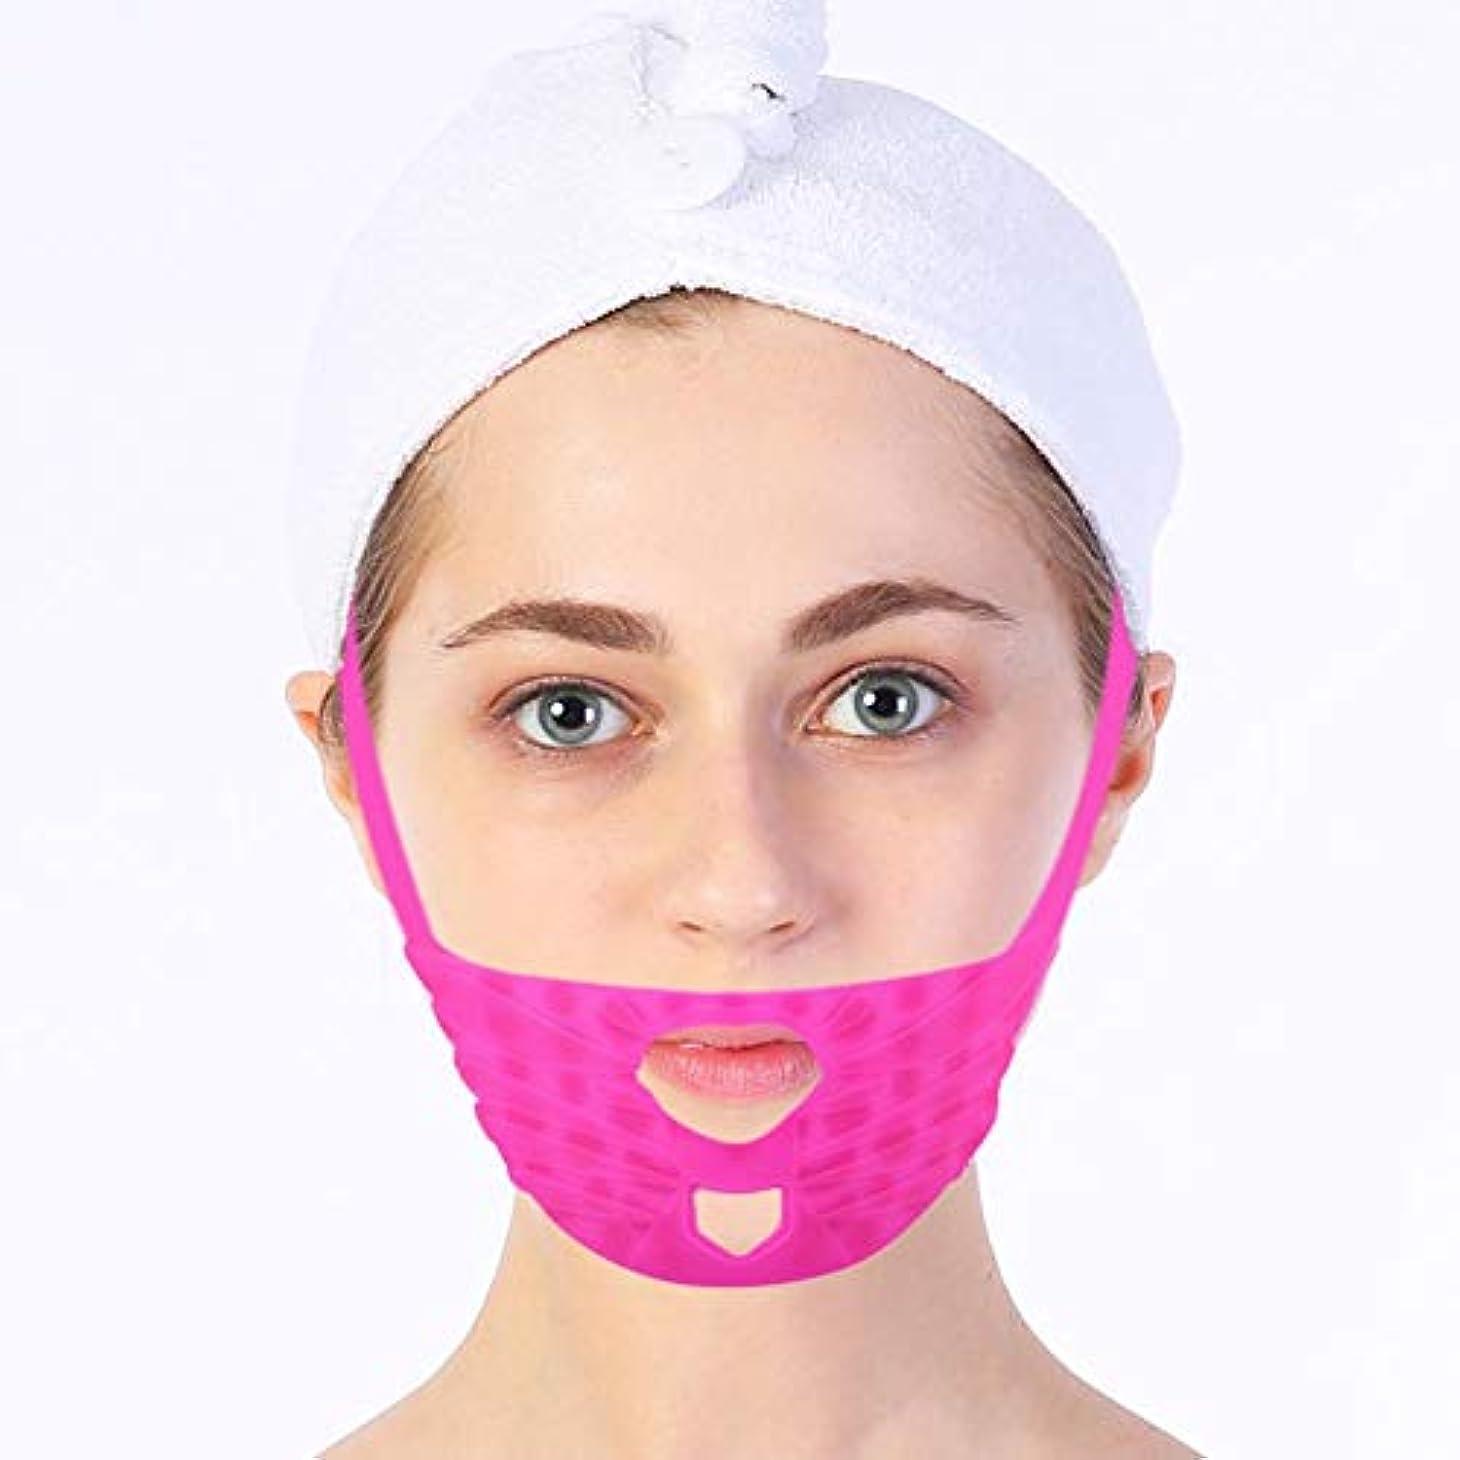 八比類のないグローSemmeフェイシャルリフティング引き締め痩身マスク、マッサージフェイスシリコン包帯Vラインマスク首の圧縮二重あご、変更ダブルチェーンマスク引き締まった肌を減らす